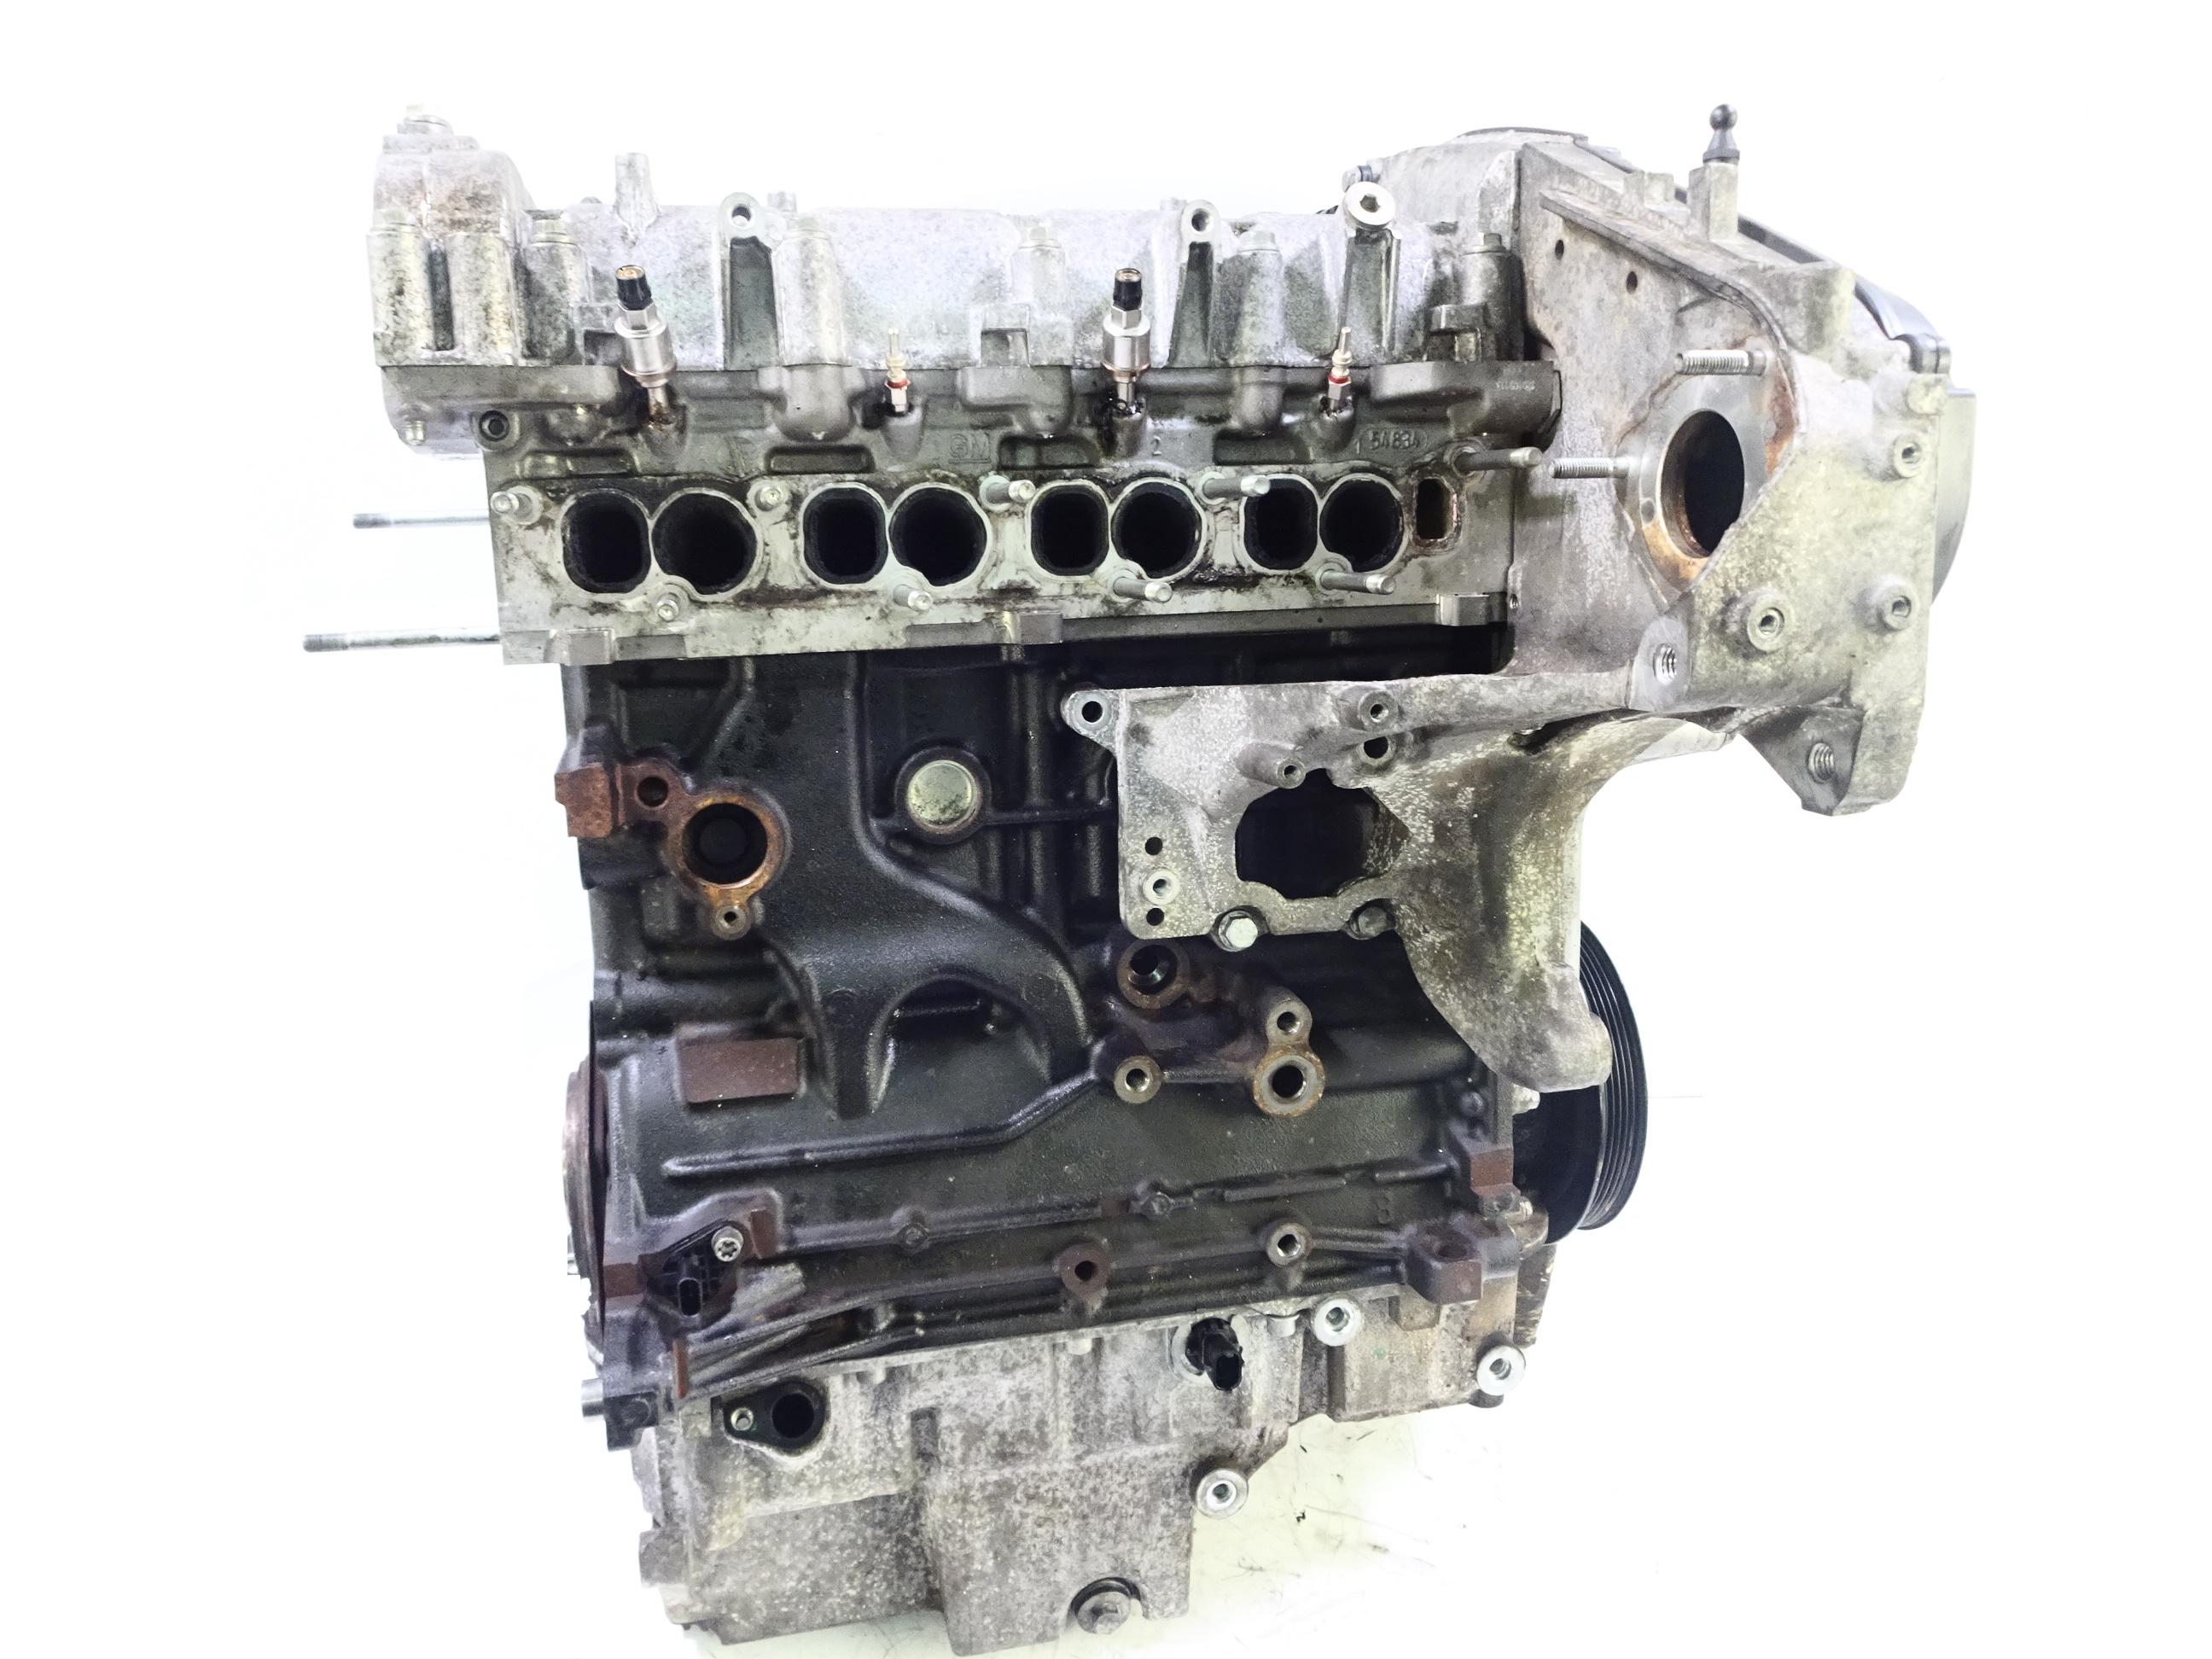 Motor 2009 Opel 2,0 CDTI Diesel A20DT 96 KW